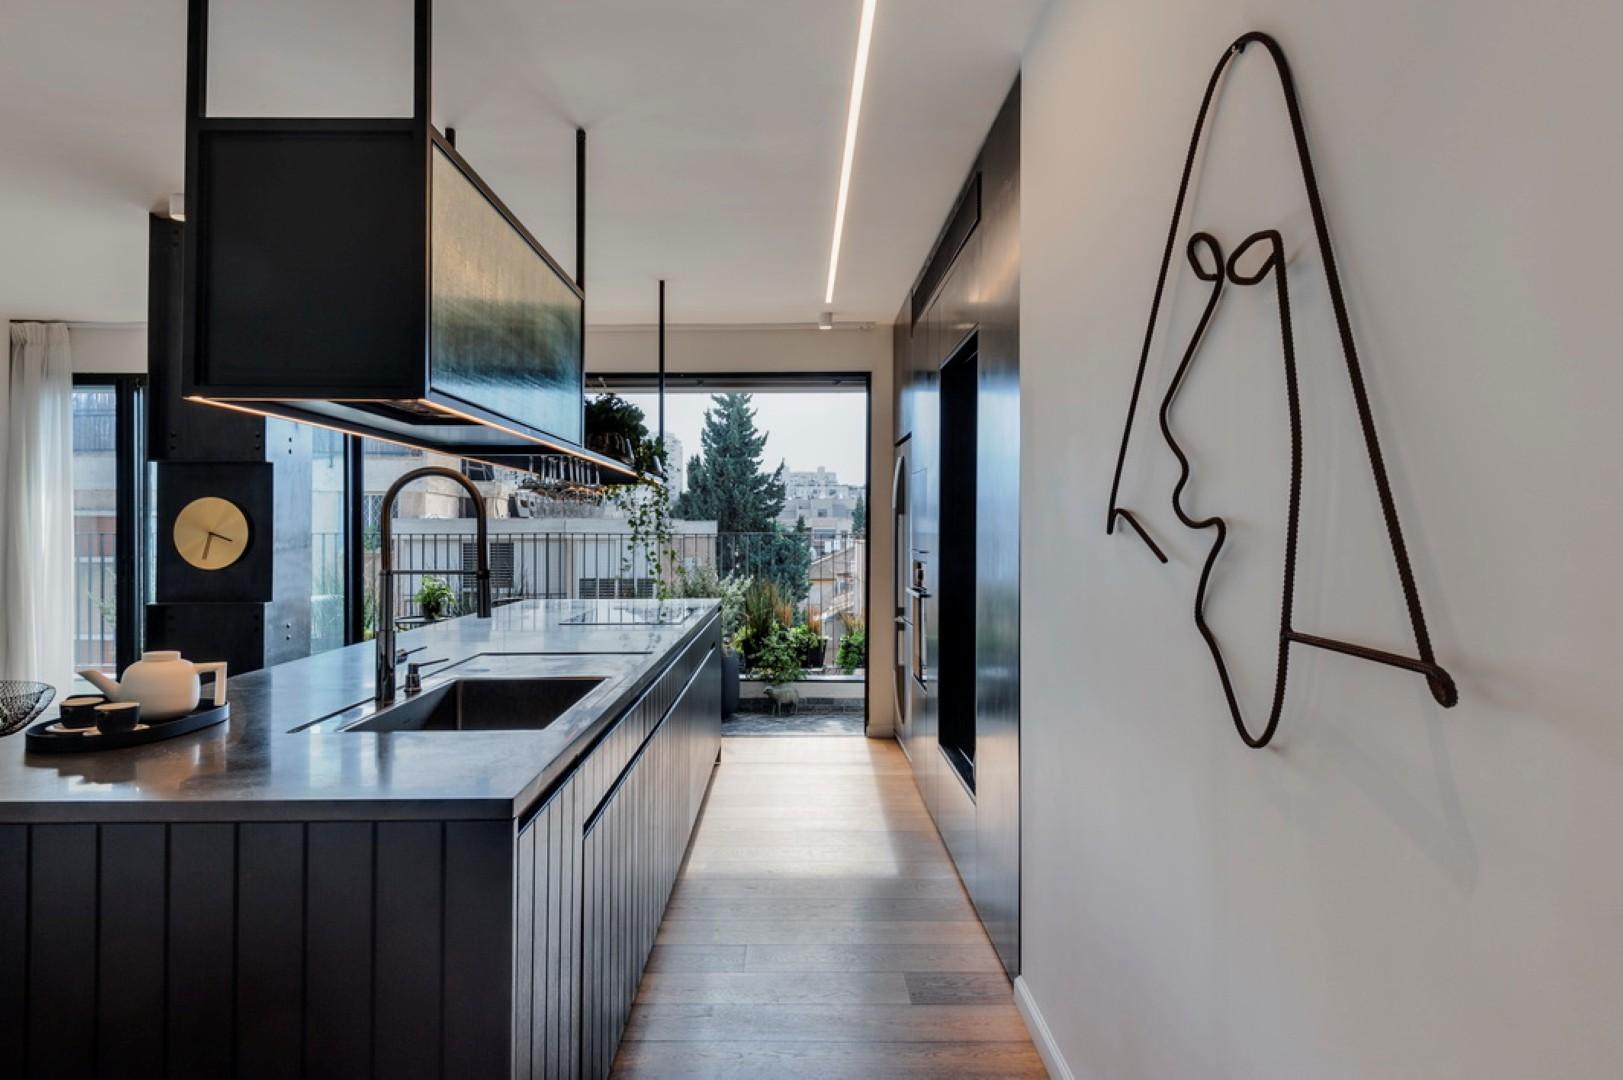 מטבח מקביל - מועדף על אדריכלים. עיצוב: דנה קושמירסקי ואושרי אבירים (צילום: עודד סמדר)